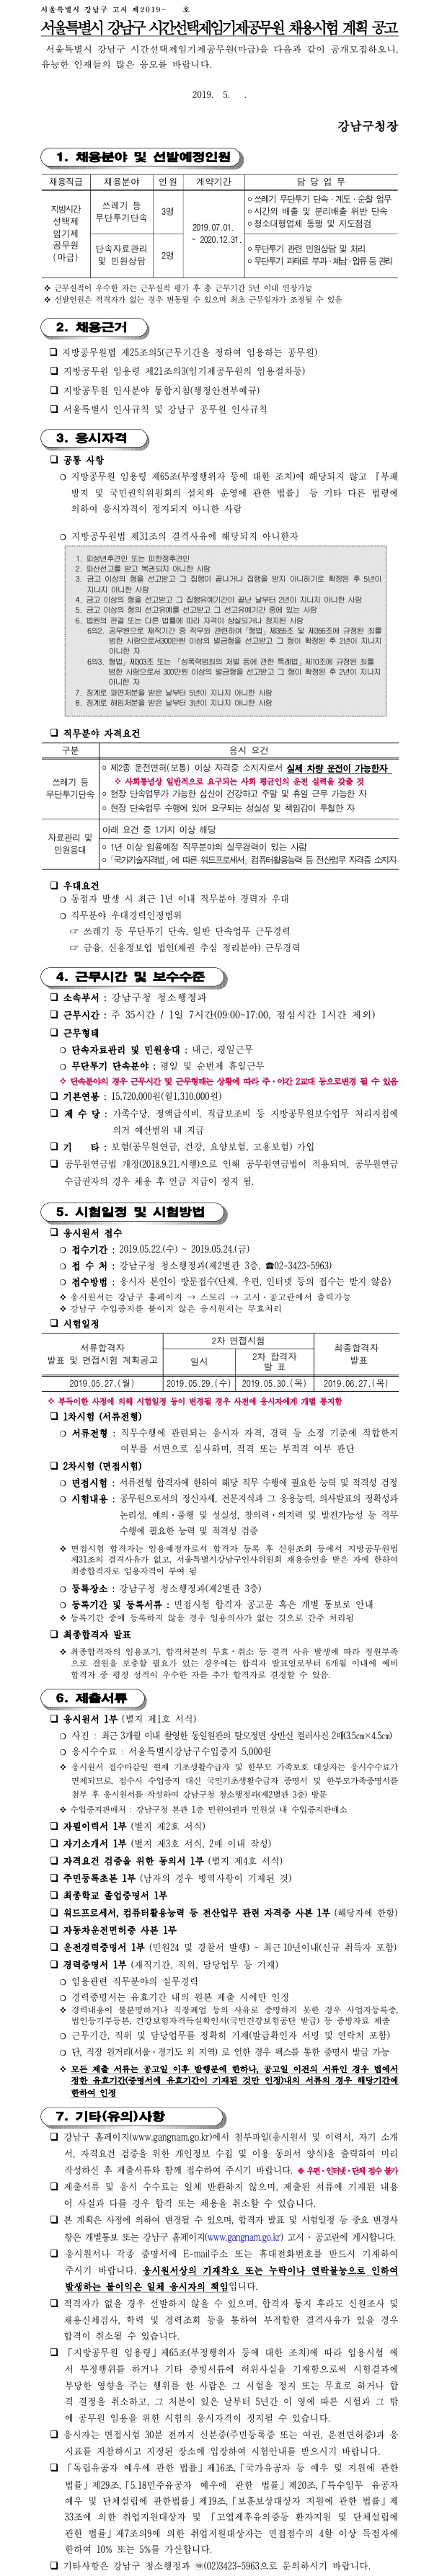 190515_서울시강남구_공고문(0).jpg